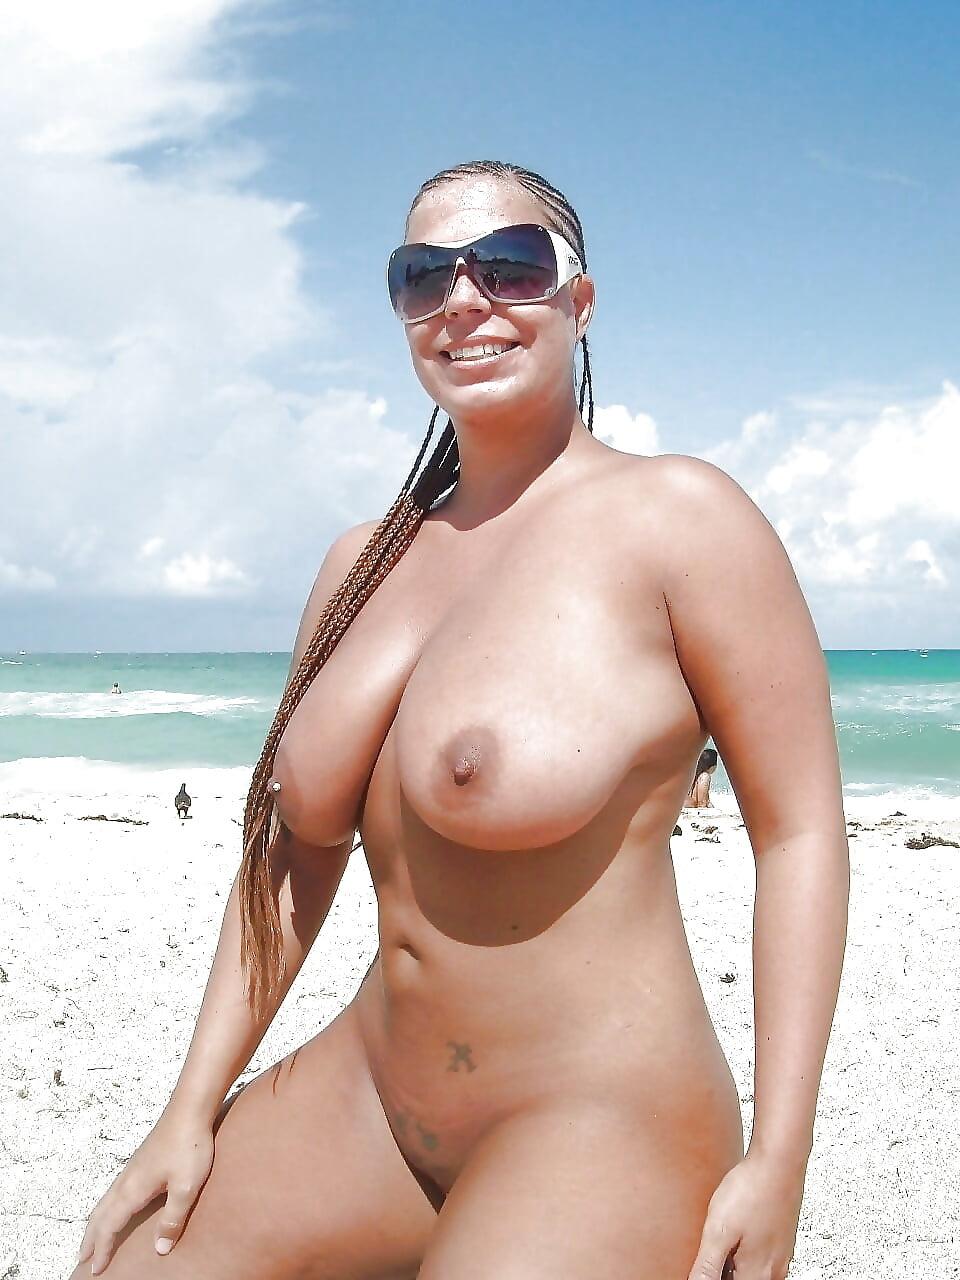 зрелые женщины на пляже с обнаженной грудью когда